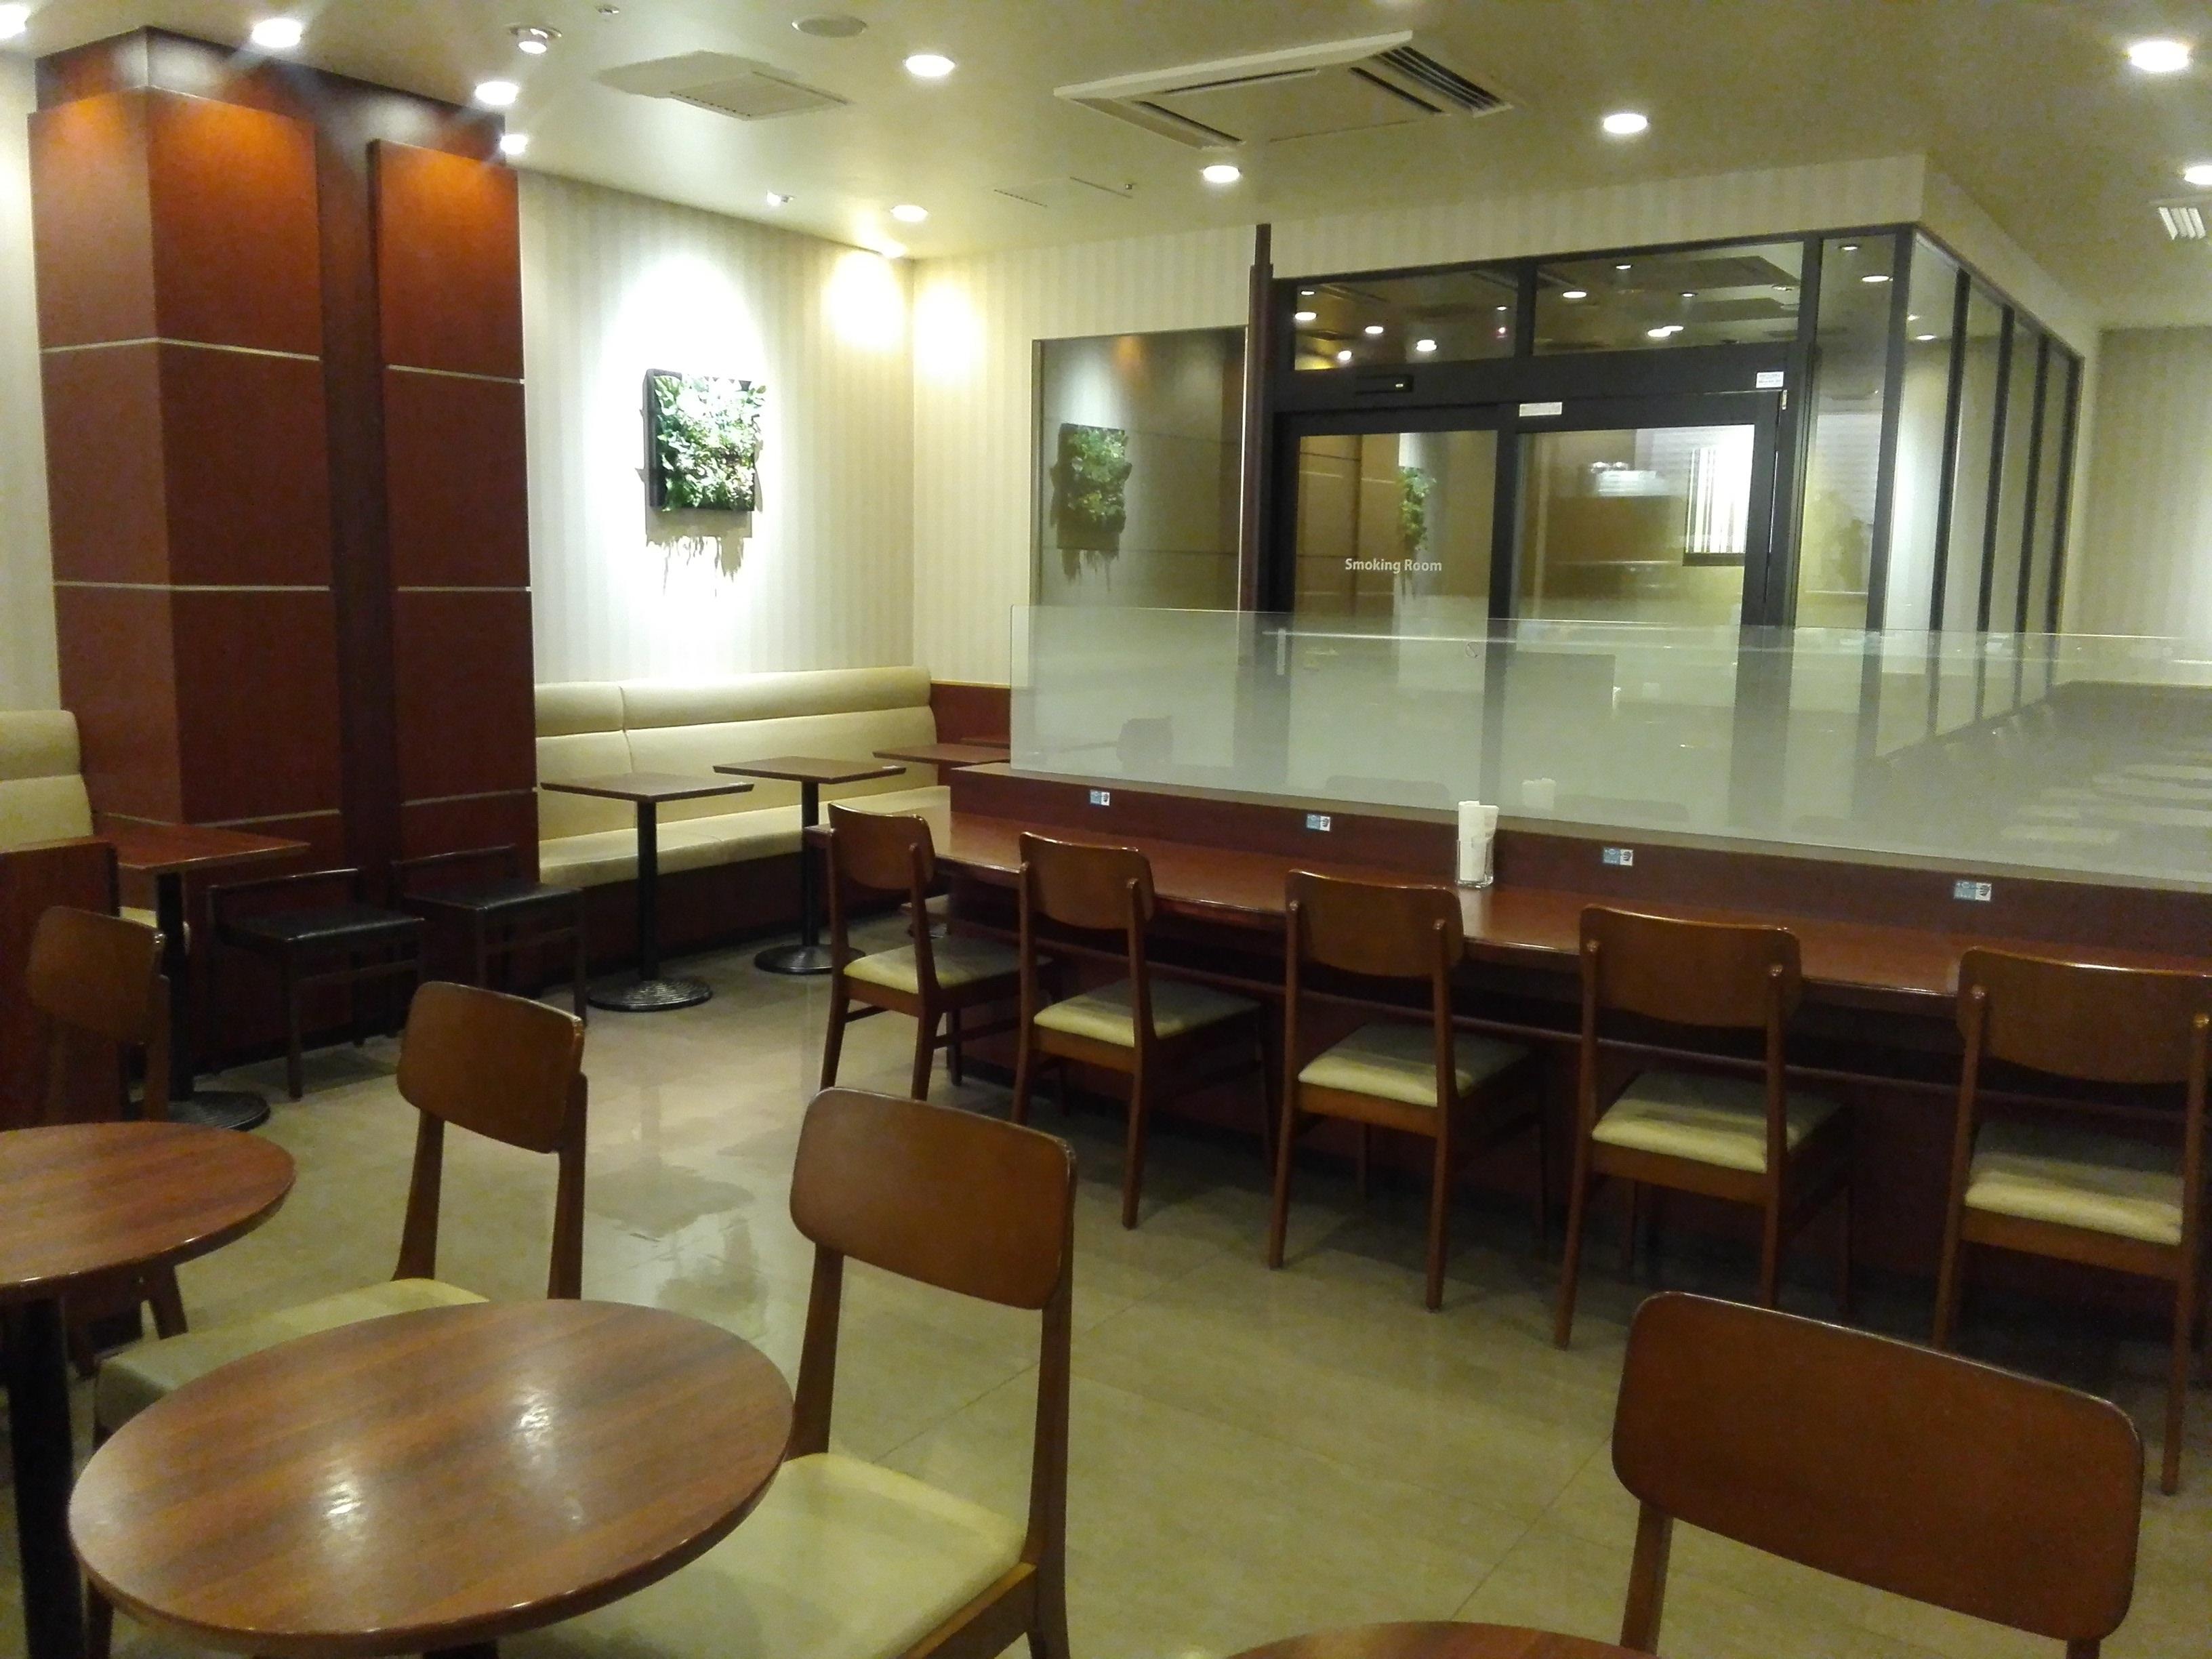 ドトール・コーヒーショップ イオン東神奈川店手前から喫煙席の写真